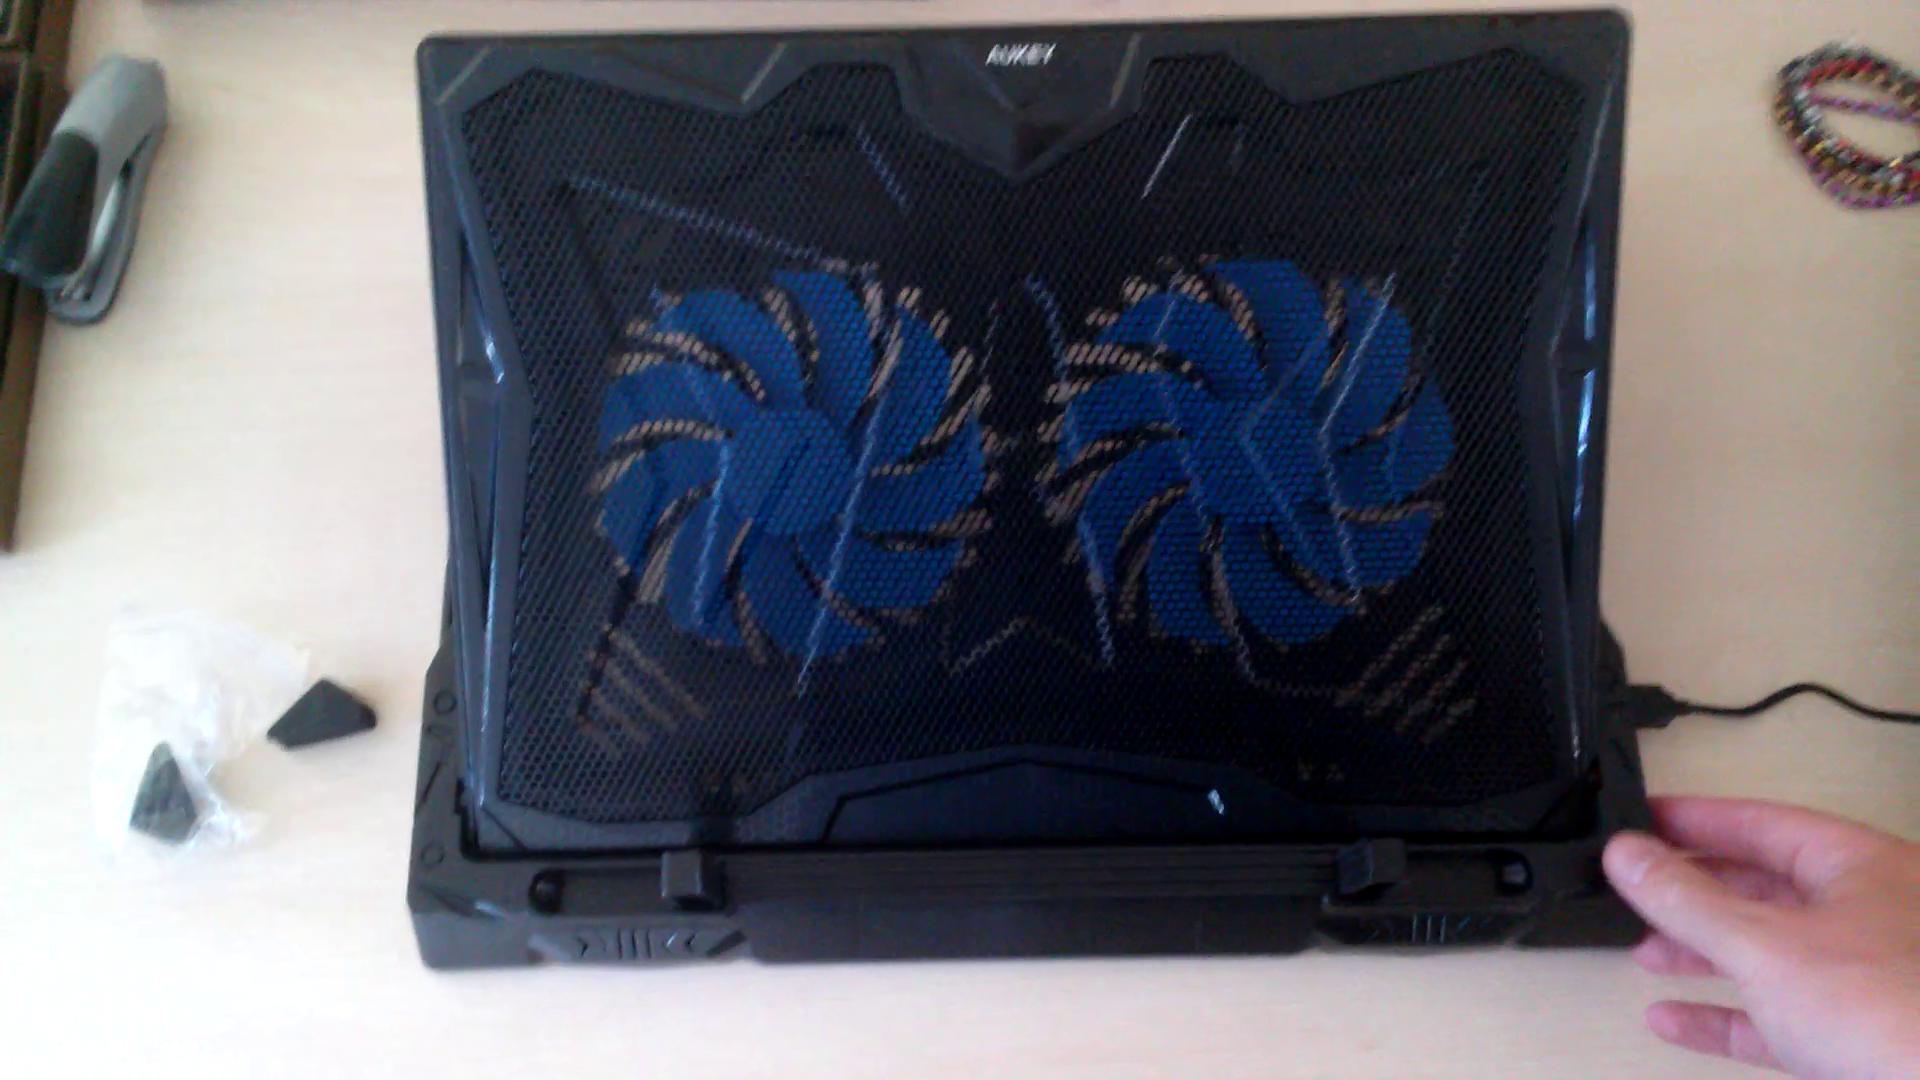 AUKEY Refroidisseur PC Portable 4 Ventilateurs, Support Ordinateur Portable  12-17 Pouces LED Bleus avec 2 ... 5df1a64d1128